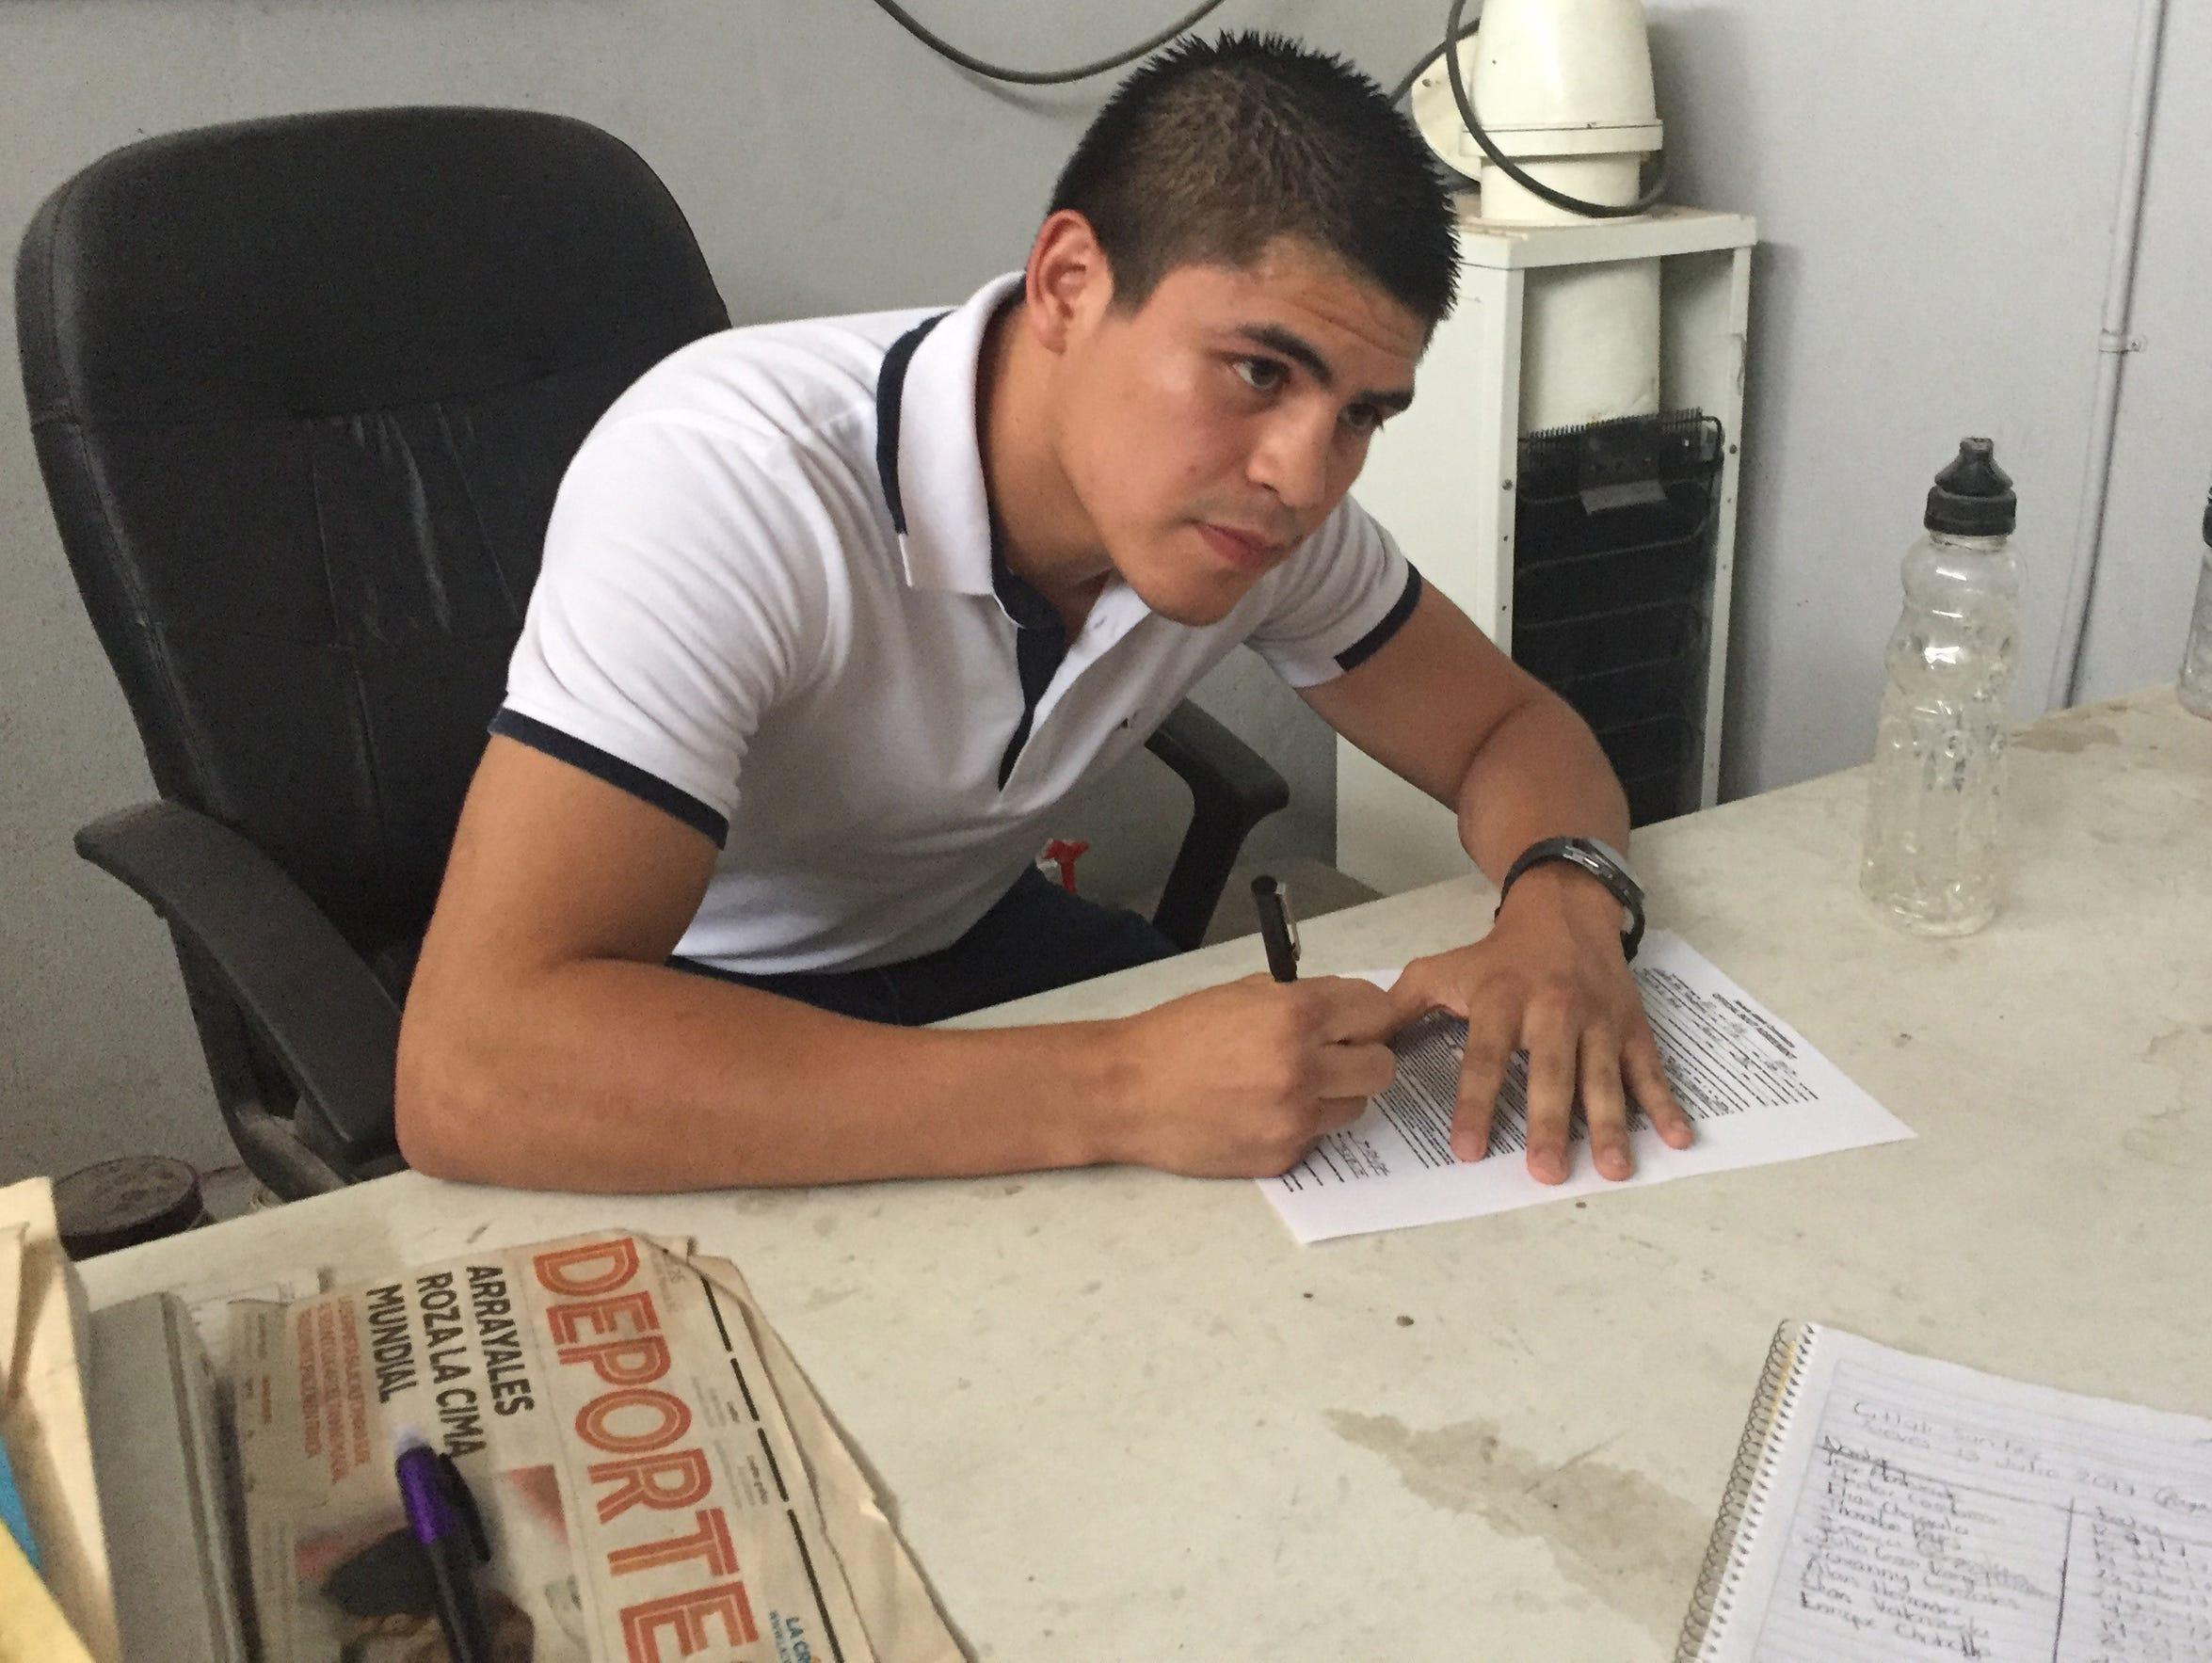 Diego De La Hoya signs his contract to fight Randy